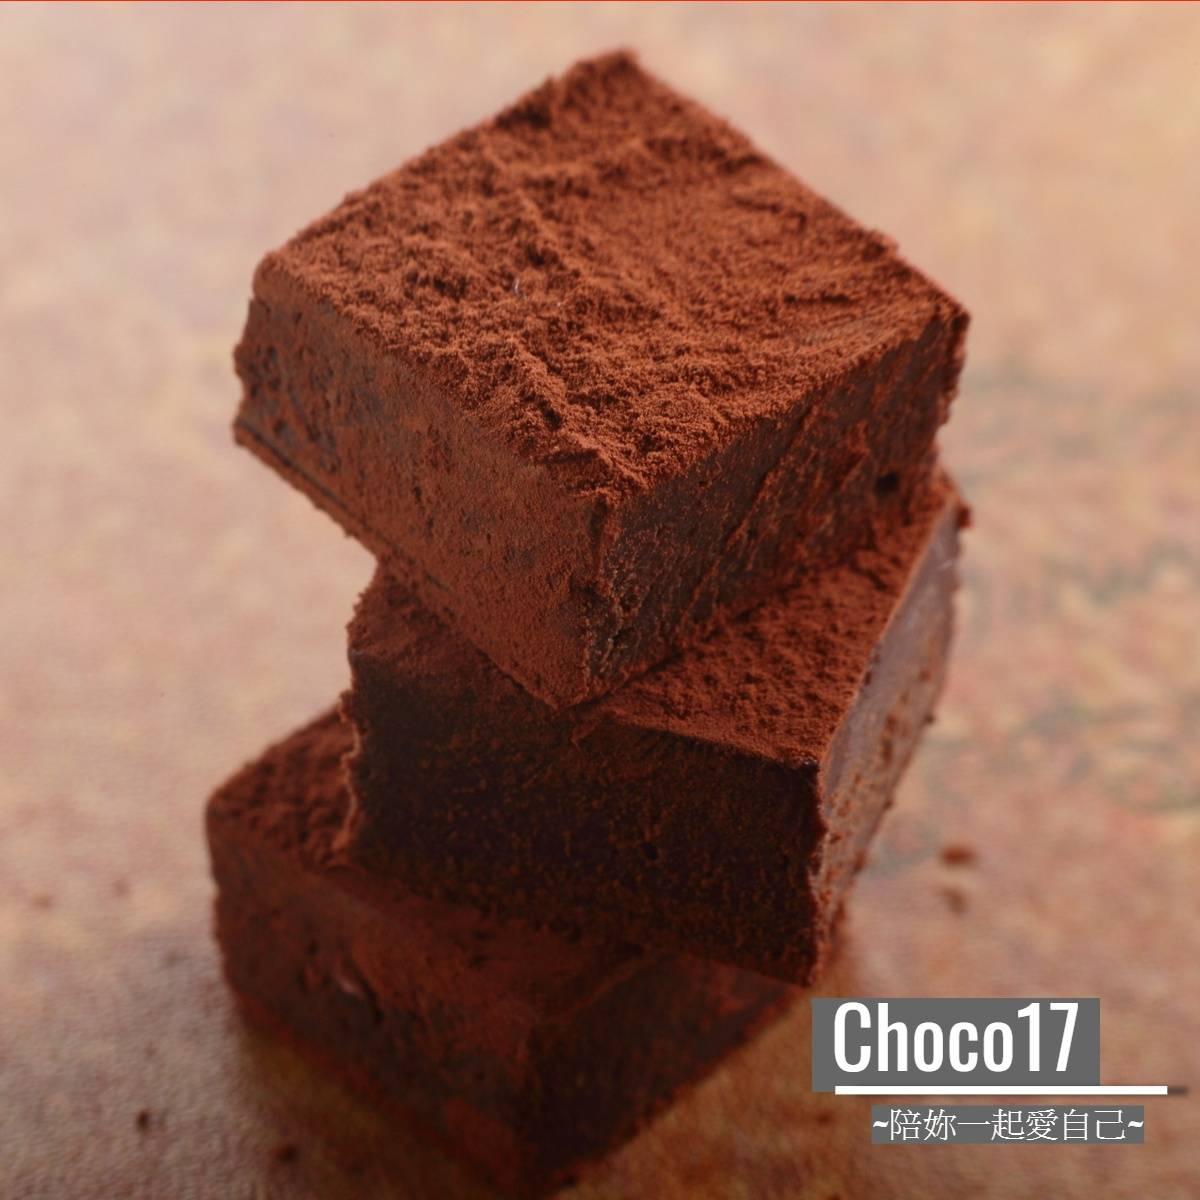 85%皇家經典生巧克力❤1分鐘狂賣4盒❤【Choco17 香謝17巧克力】巧克力專賣  |  APP下單滿$1000現折$100 1